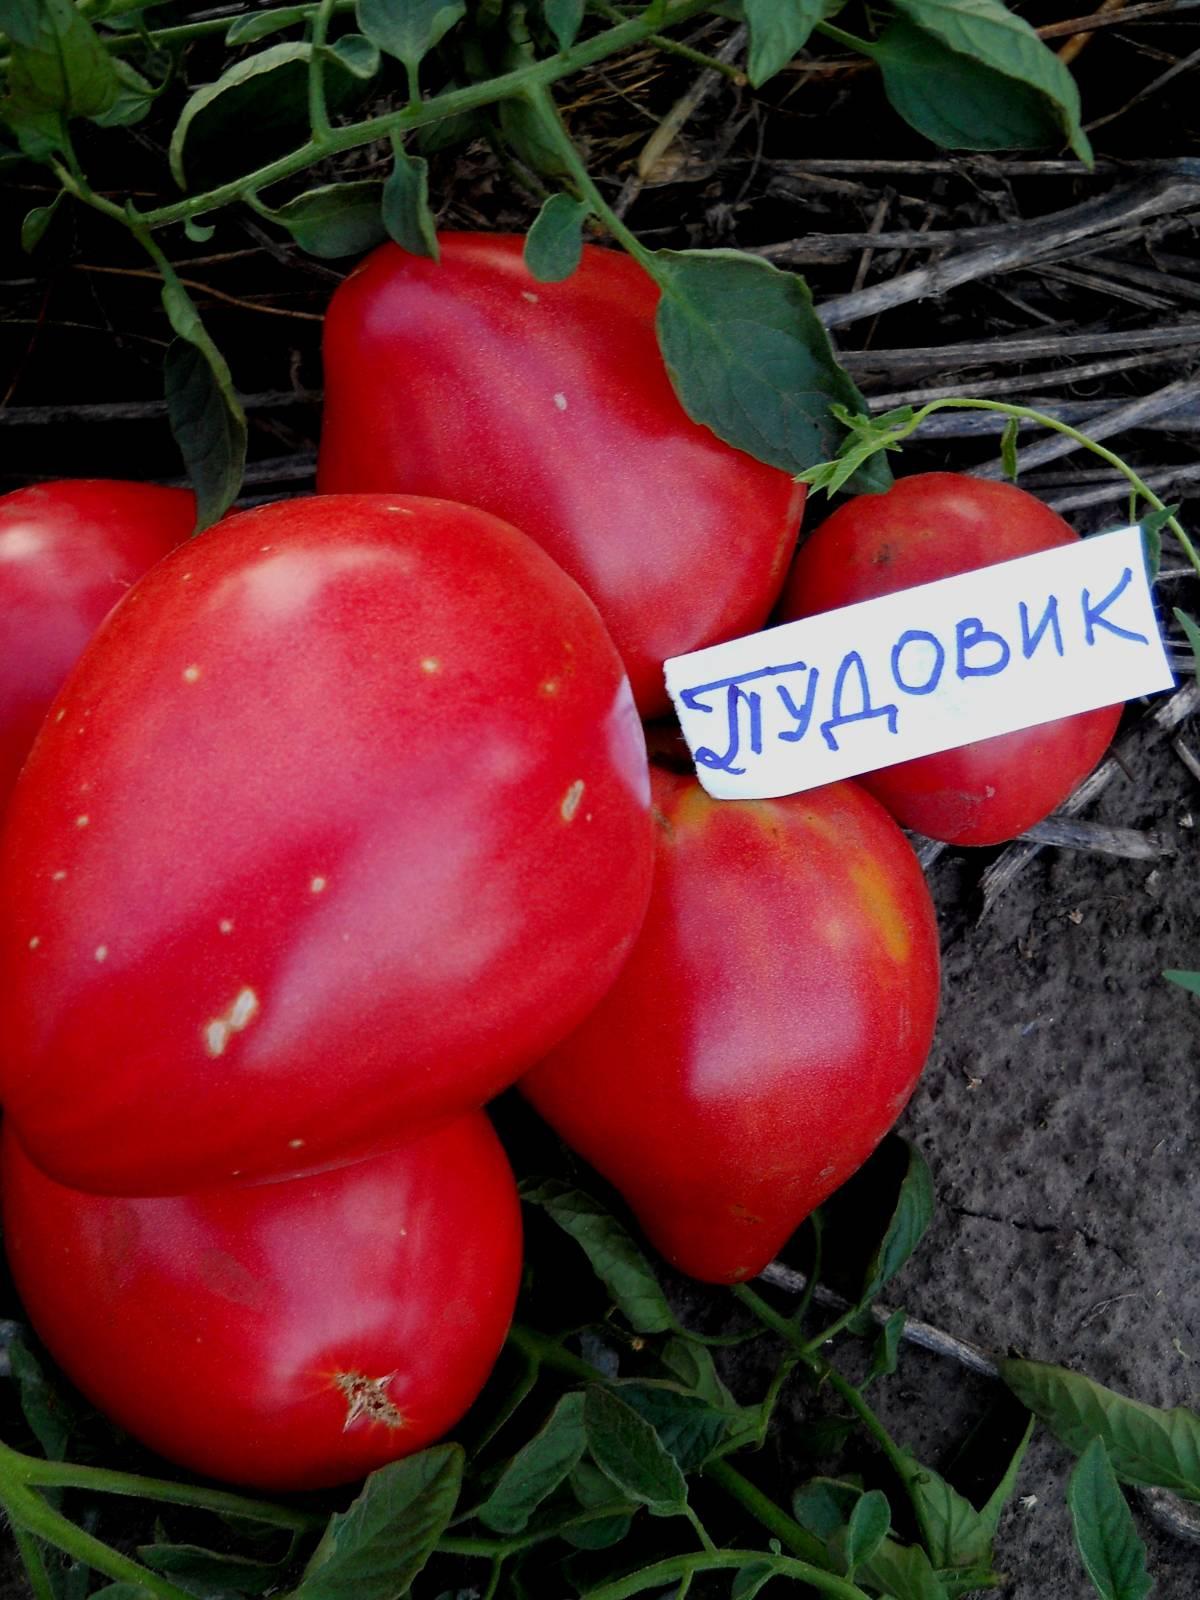 помидоры пудовик отзывы с фото полностью оправдать пьяного